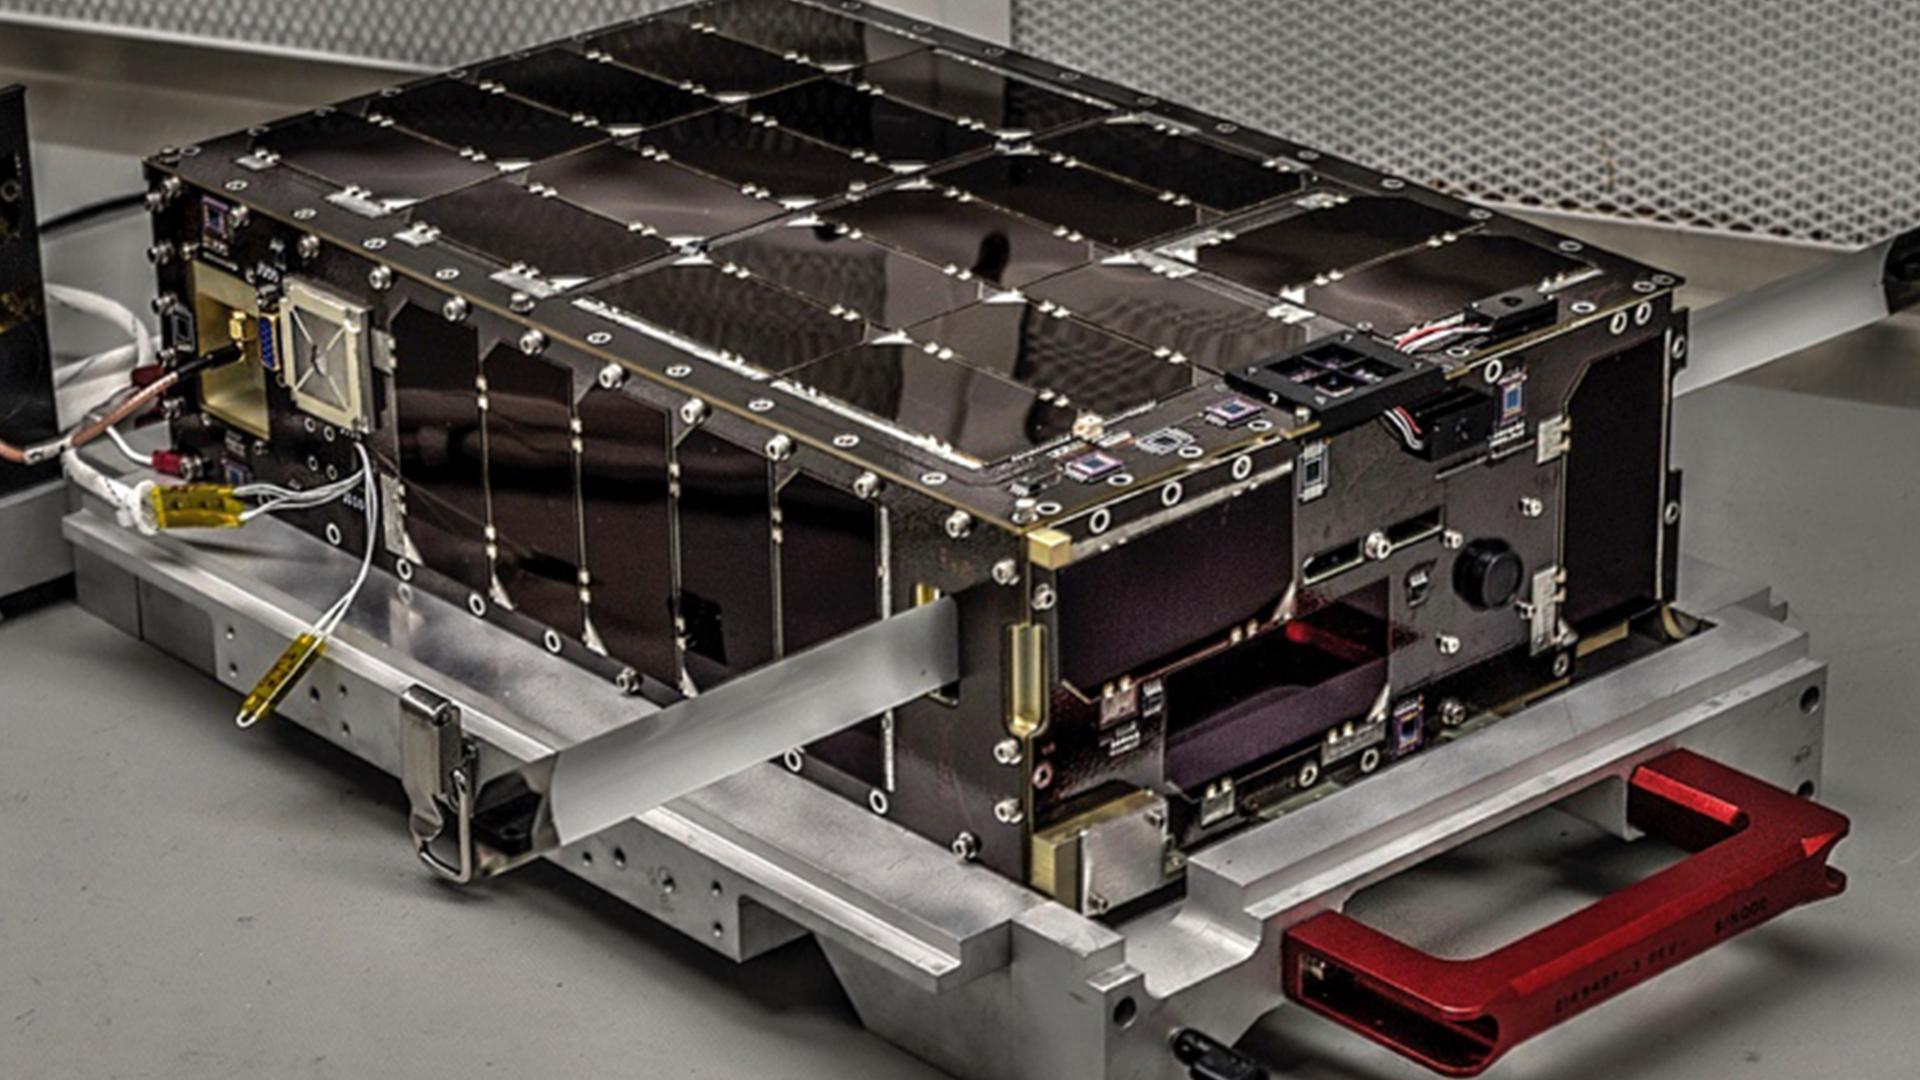 NASA Goddard's 6U Dellingr CubeSat